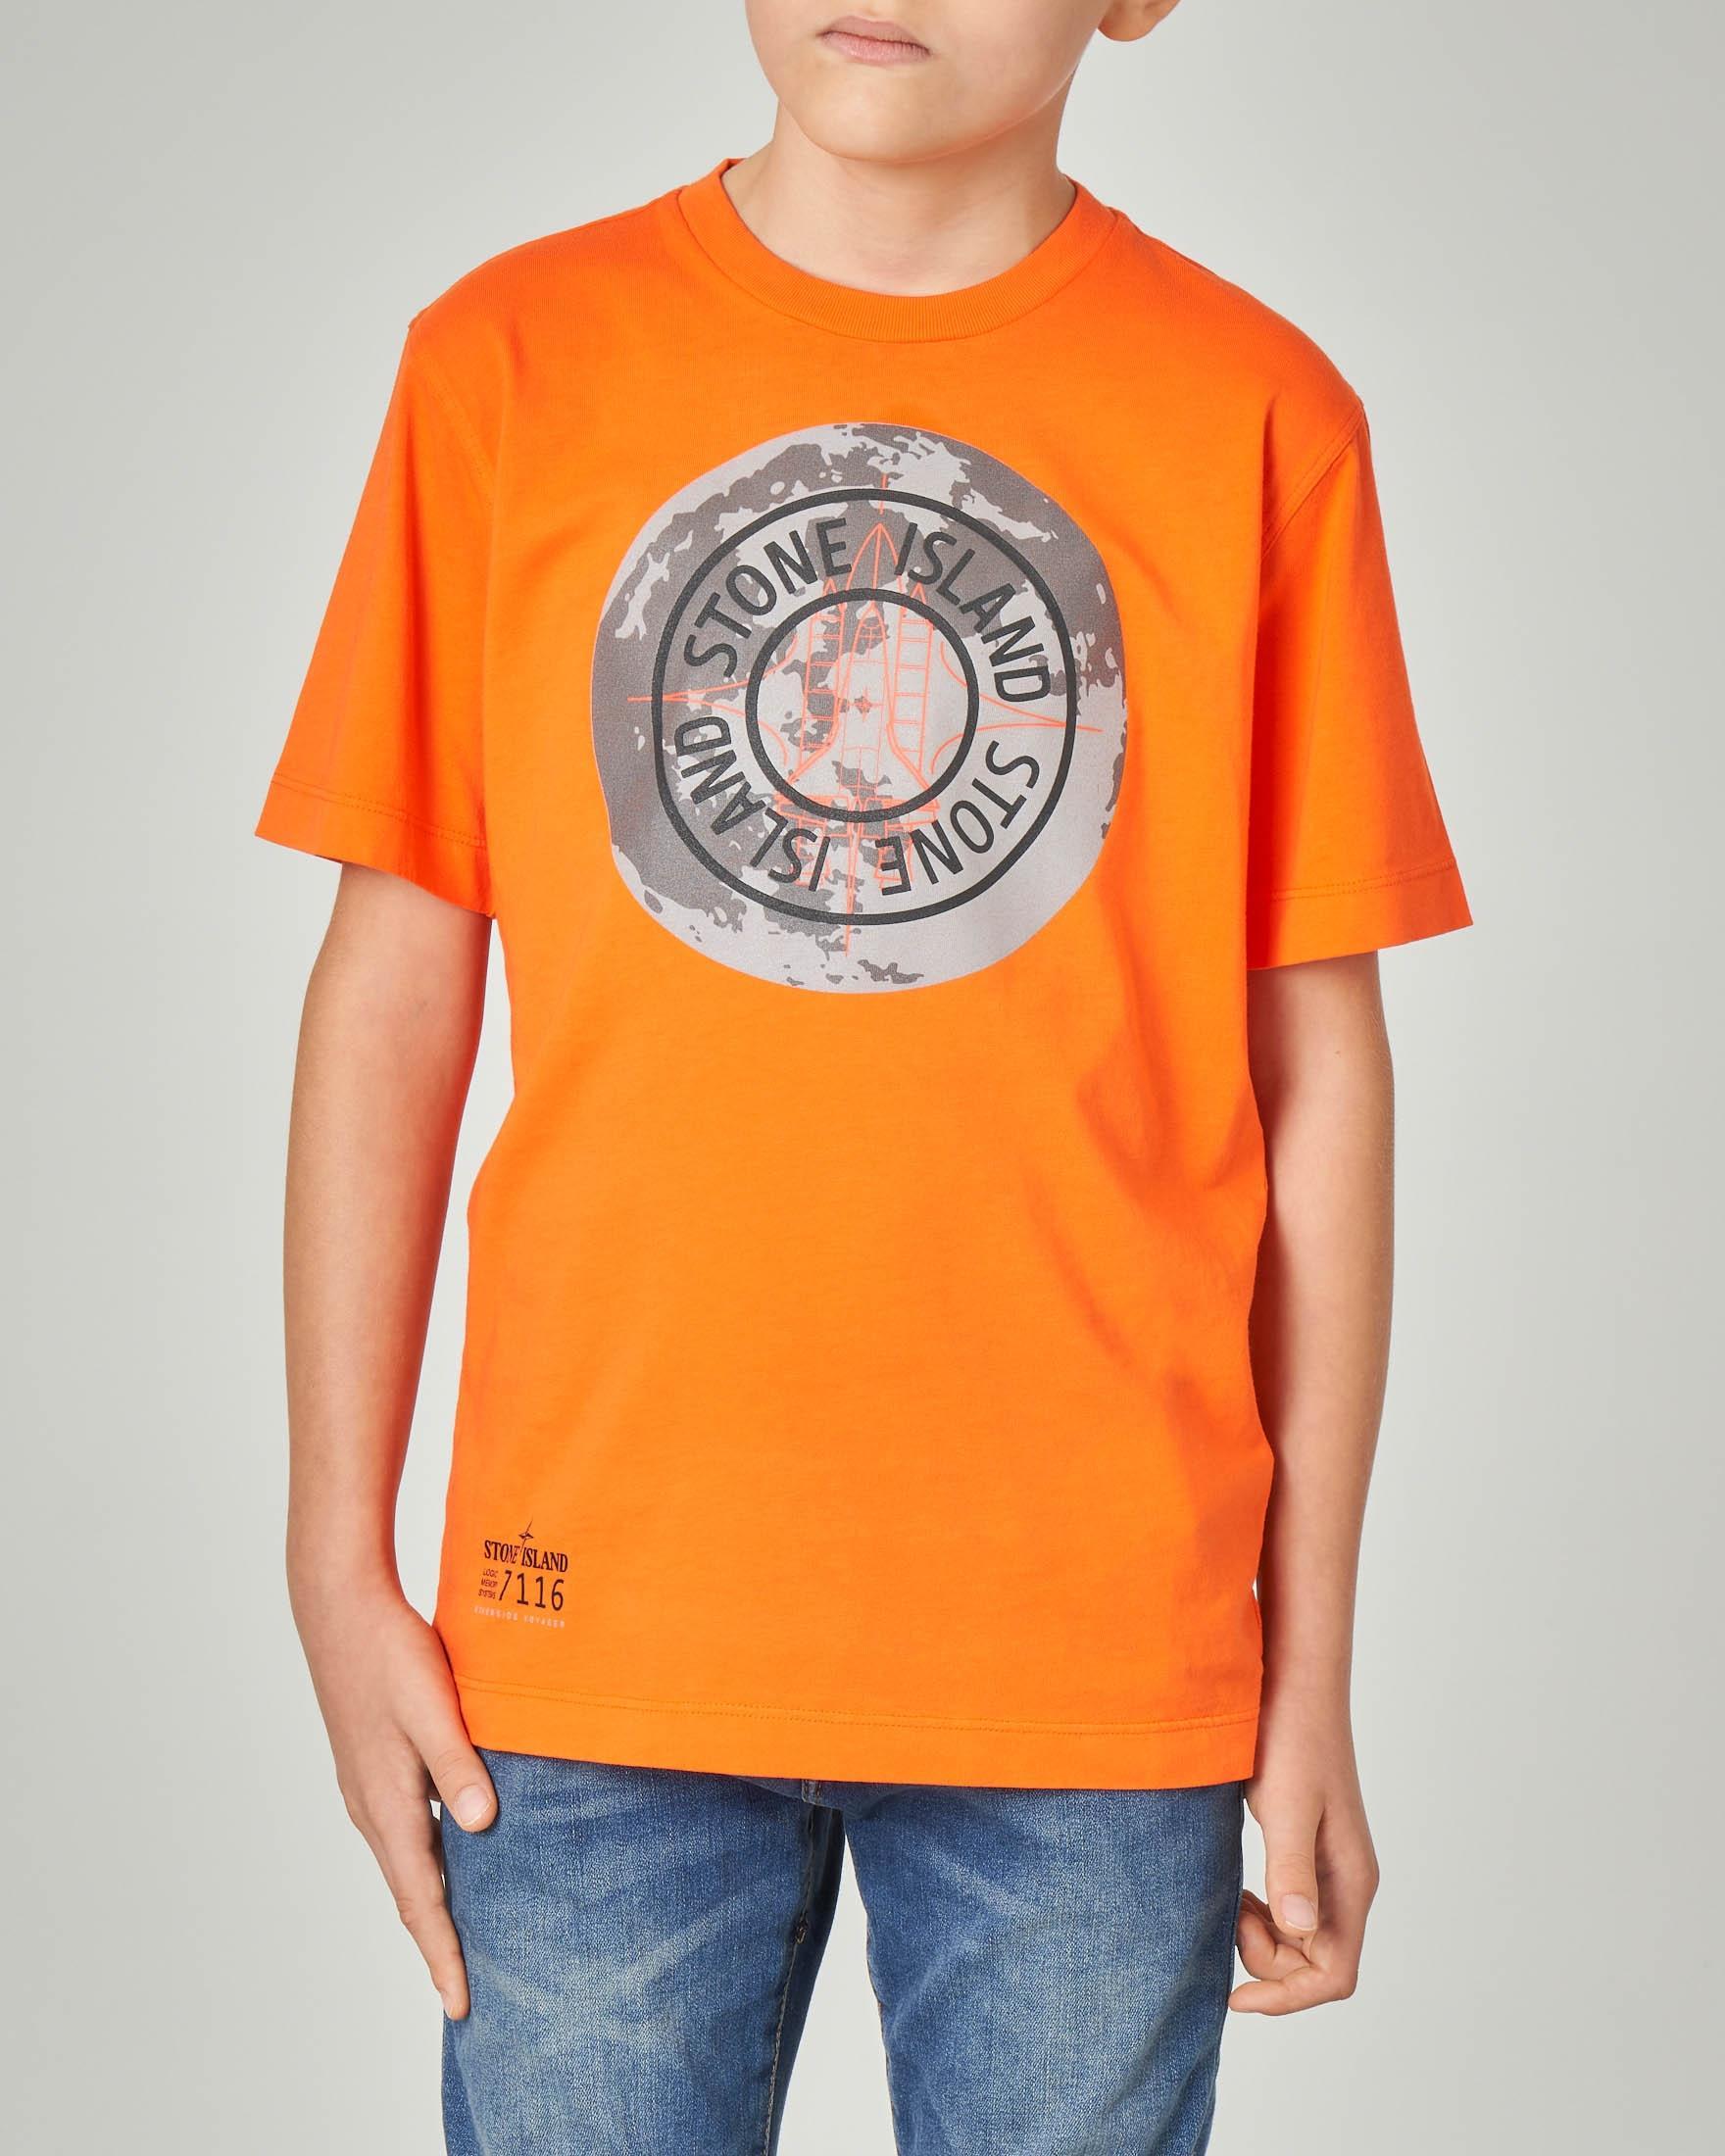 T-shirt arancione con stampa e logo 14 anni